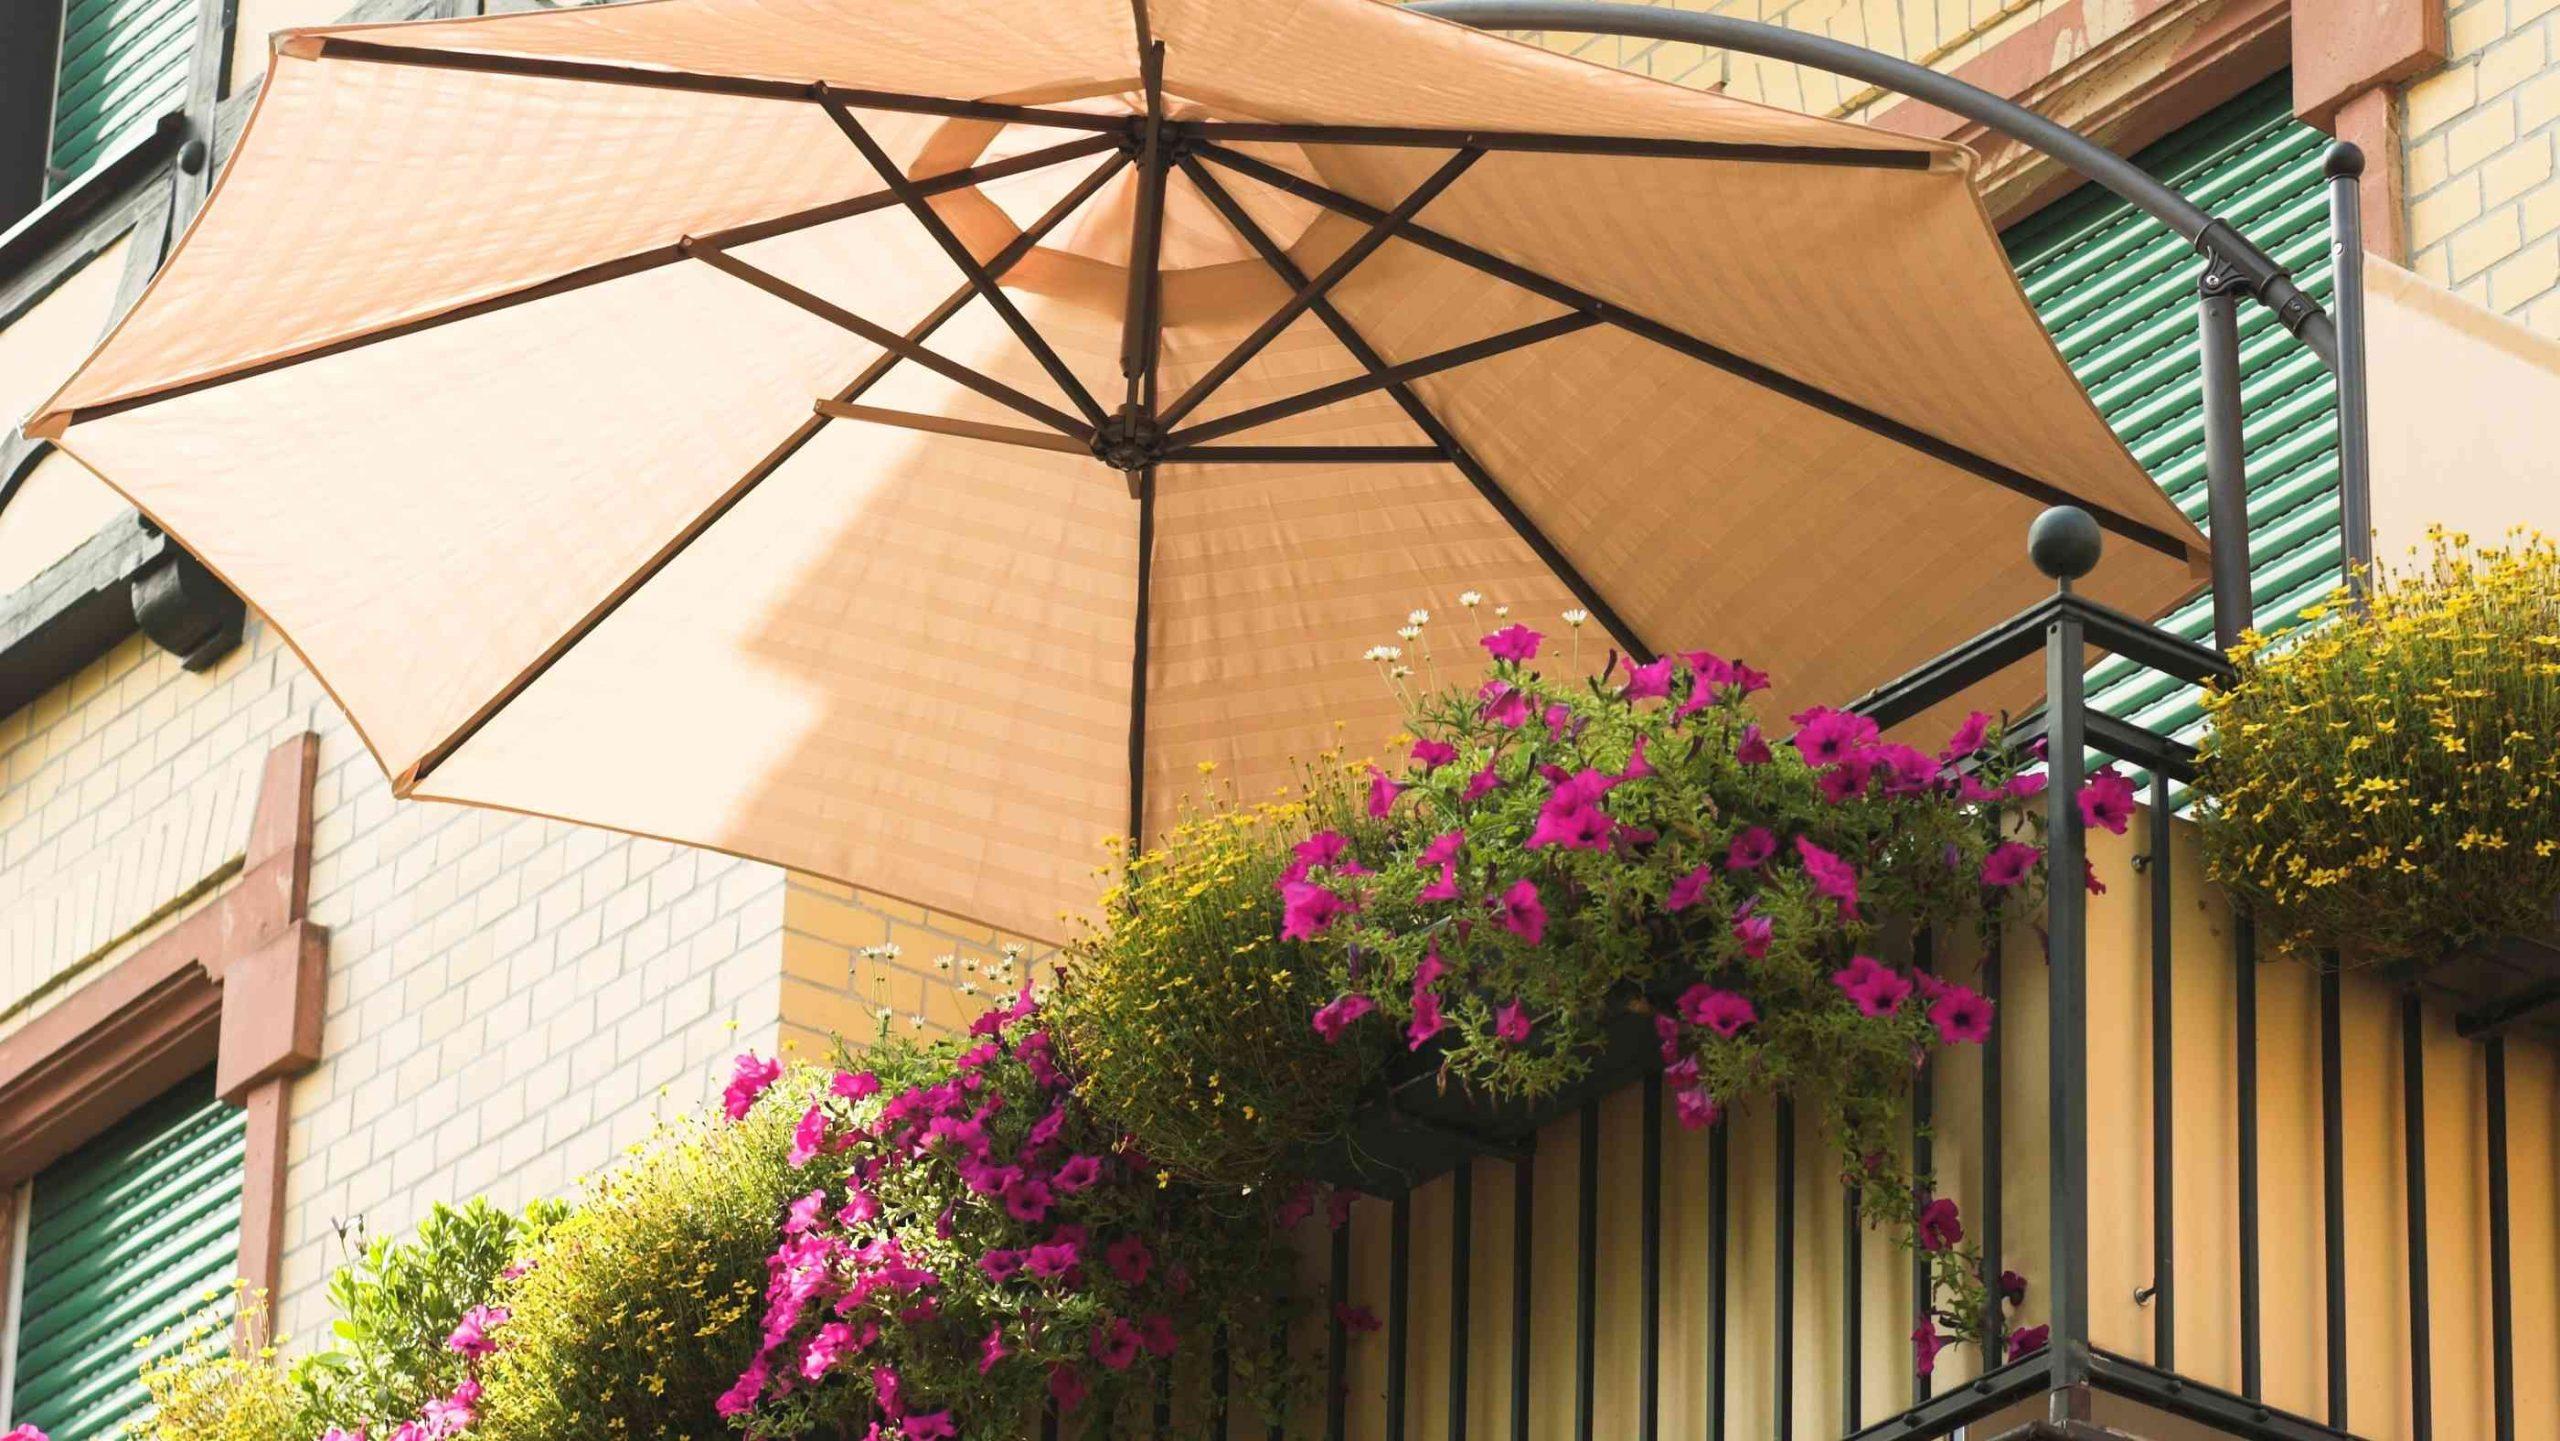 Full Size of Balkon Sichtschutz Bambus Ikea Fr Den 10 Ideen Plus Tipps Zur Montage Für Fenster Küche Kosten Garten Wpc Modulküche Betten 160x200 Bei Kaufen Sofa Mit Wohnzimmer Balkon Sichtschutz Bambus Ikea